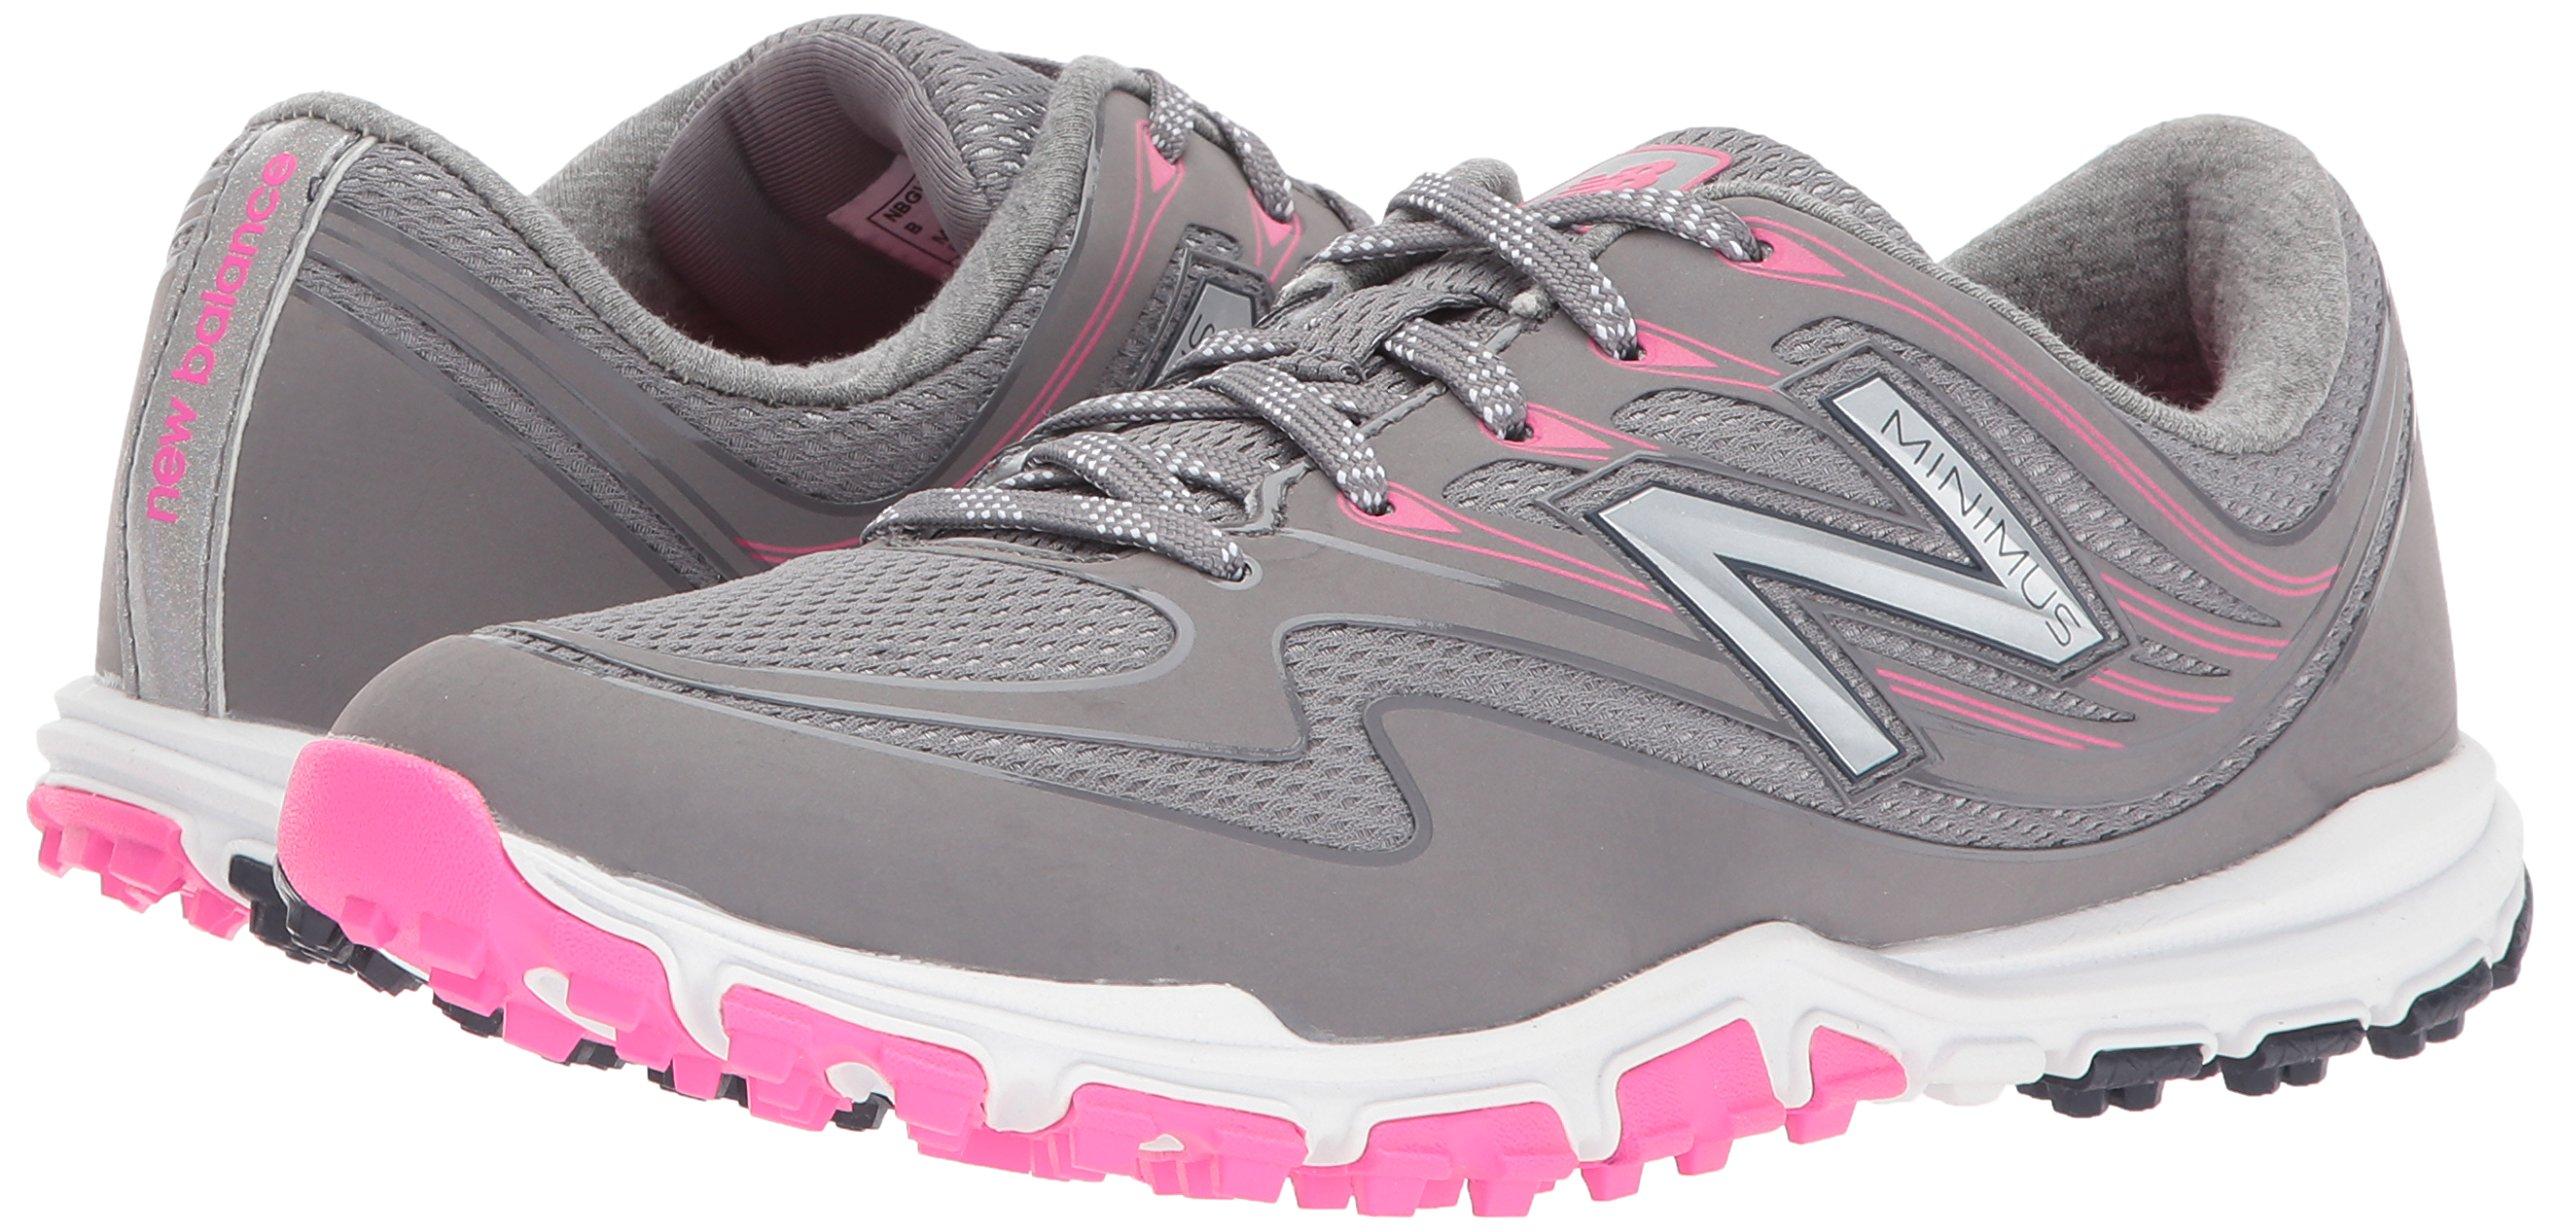 New Balance Women's Minimus Sport Golf Shoe, Pink/Grey, 7.5 B B US by New Balance (Image #6)